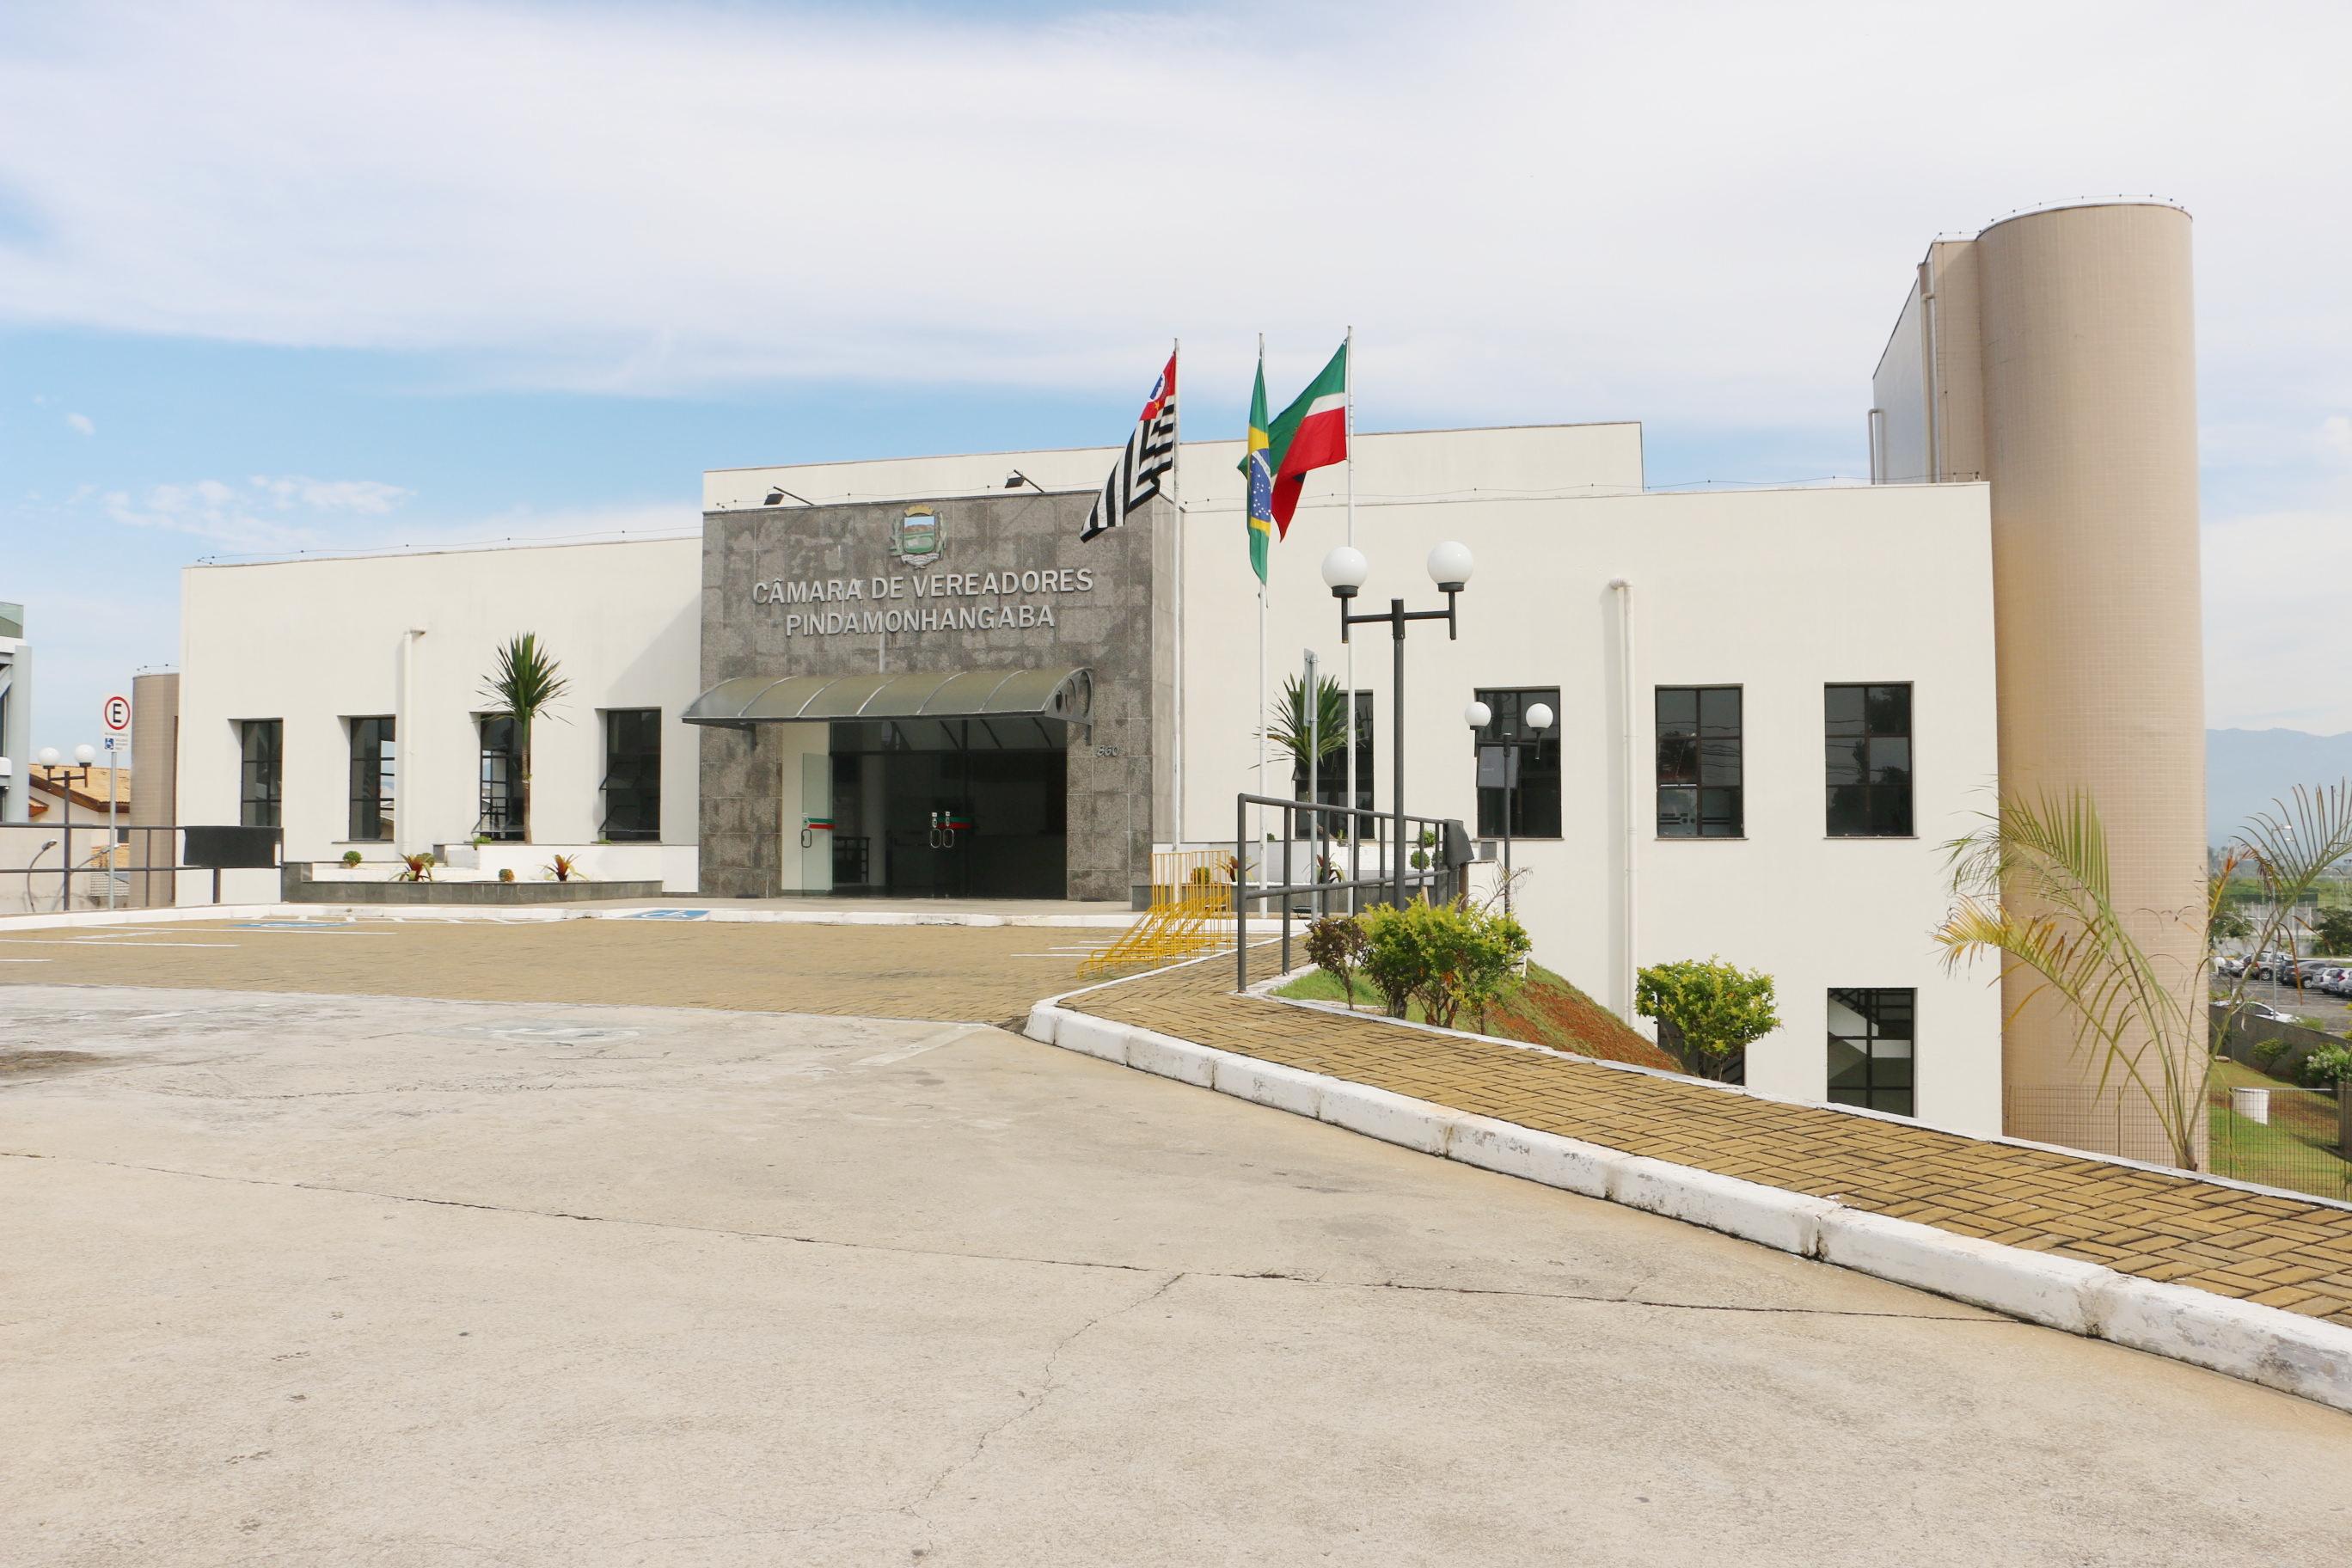 Câmara de Vereadores de Pindamonhangaba retoma os trabalhos legislativos a partir desta segunda-feira, dia 29 de janeiro